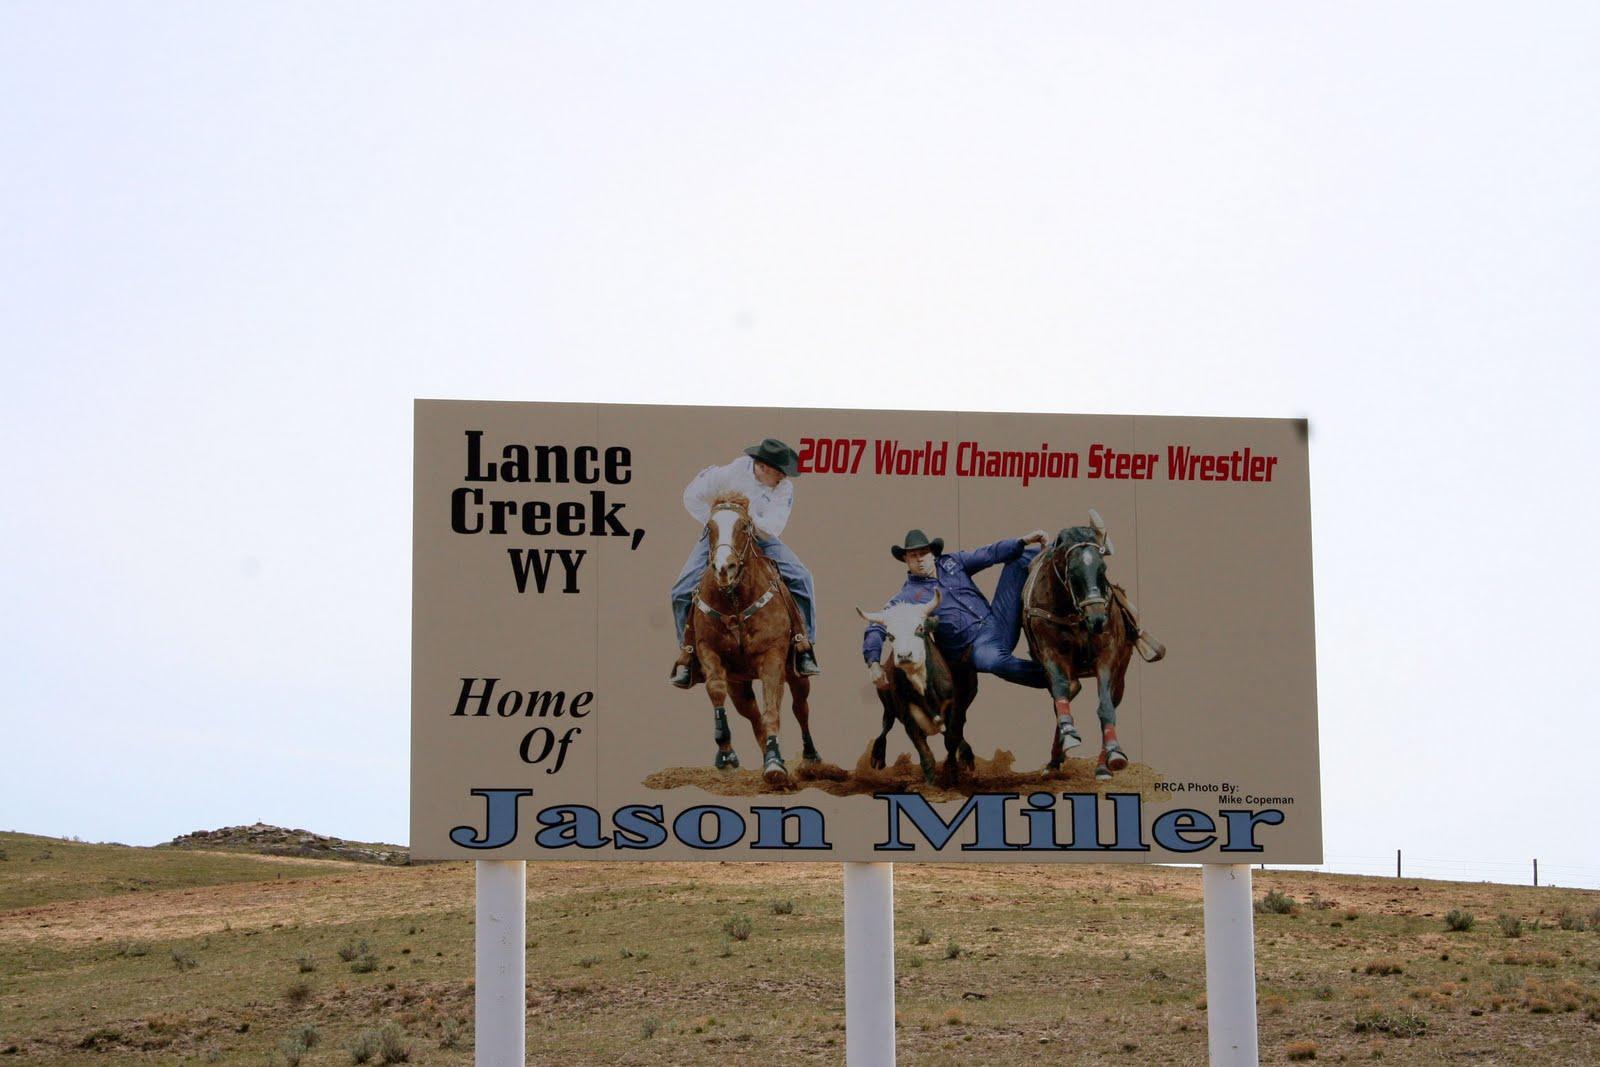 Lance Creek WY Middle Eastern Single Men